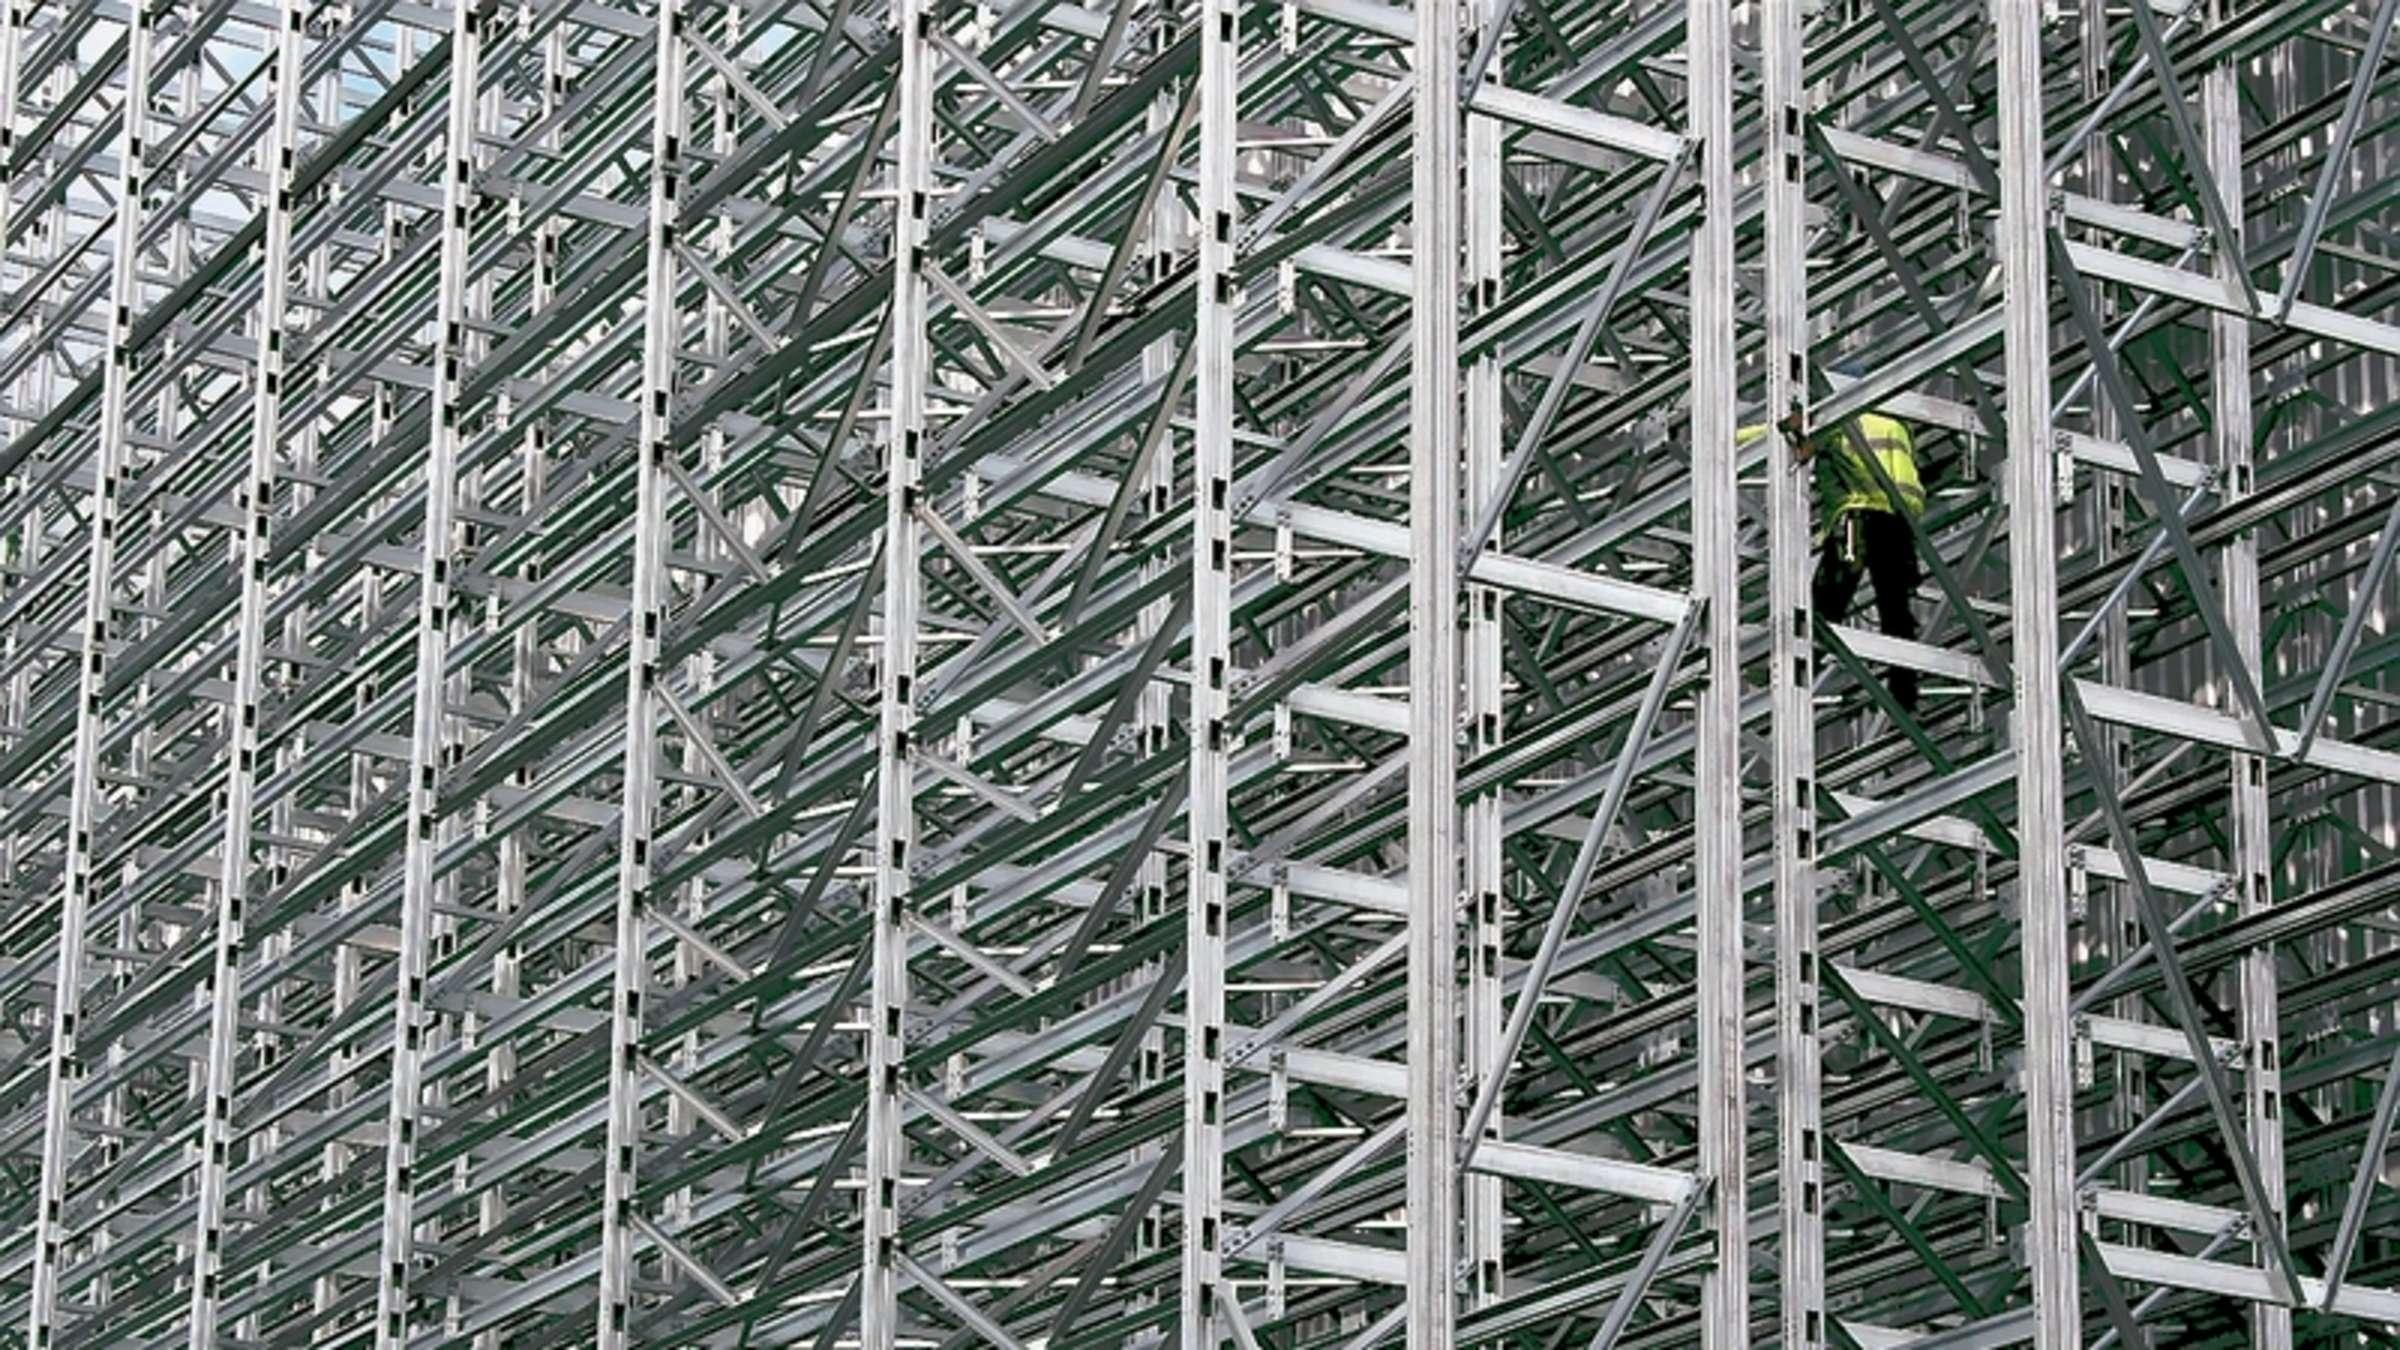 Full Size of Tiefes Regal Fachfirma Baut 180 Tonnen Schweres Hochregal Fr Stauff Neuenrade Regale Für Dachschrägen Stecksystem Kleines Mit Schubladen Berlin Flexa Eiche Regal Tiefes Regal